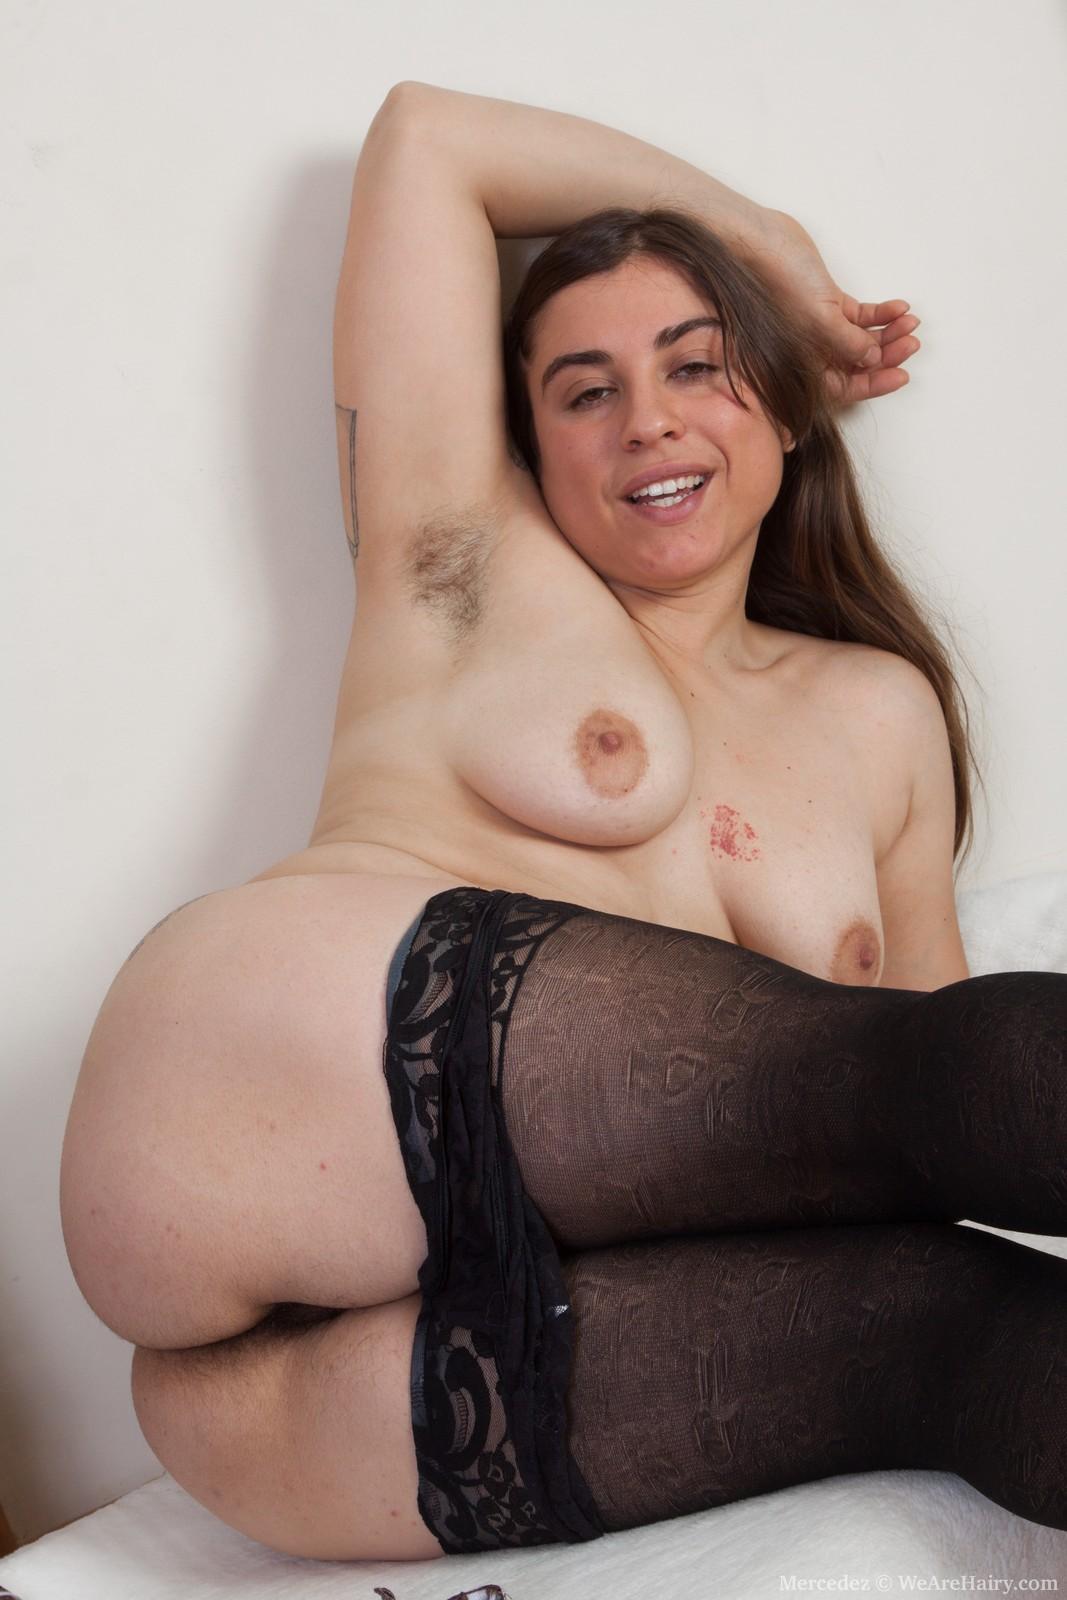 Русское порно лесбиянок с небритыми подмышками 25 фотография